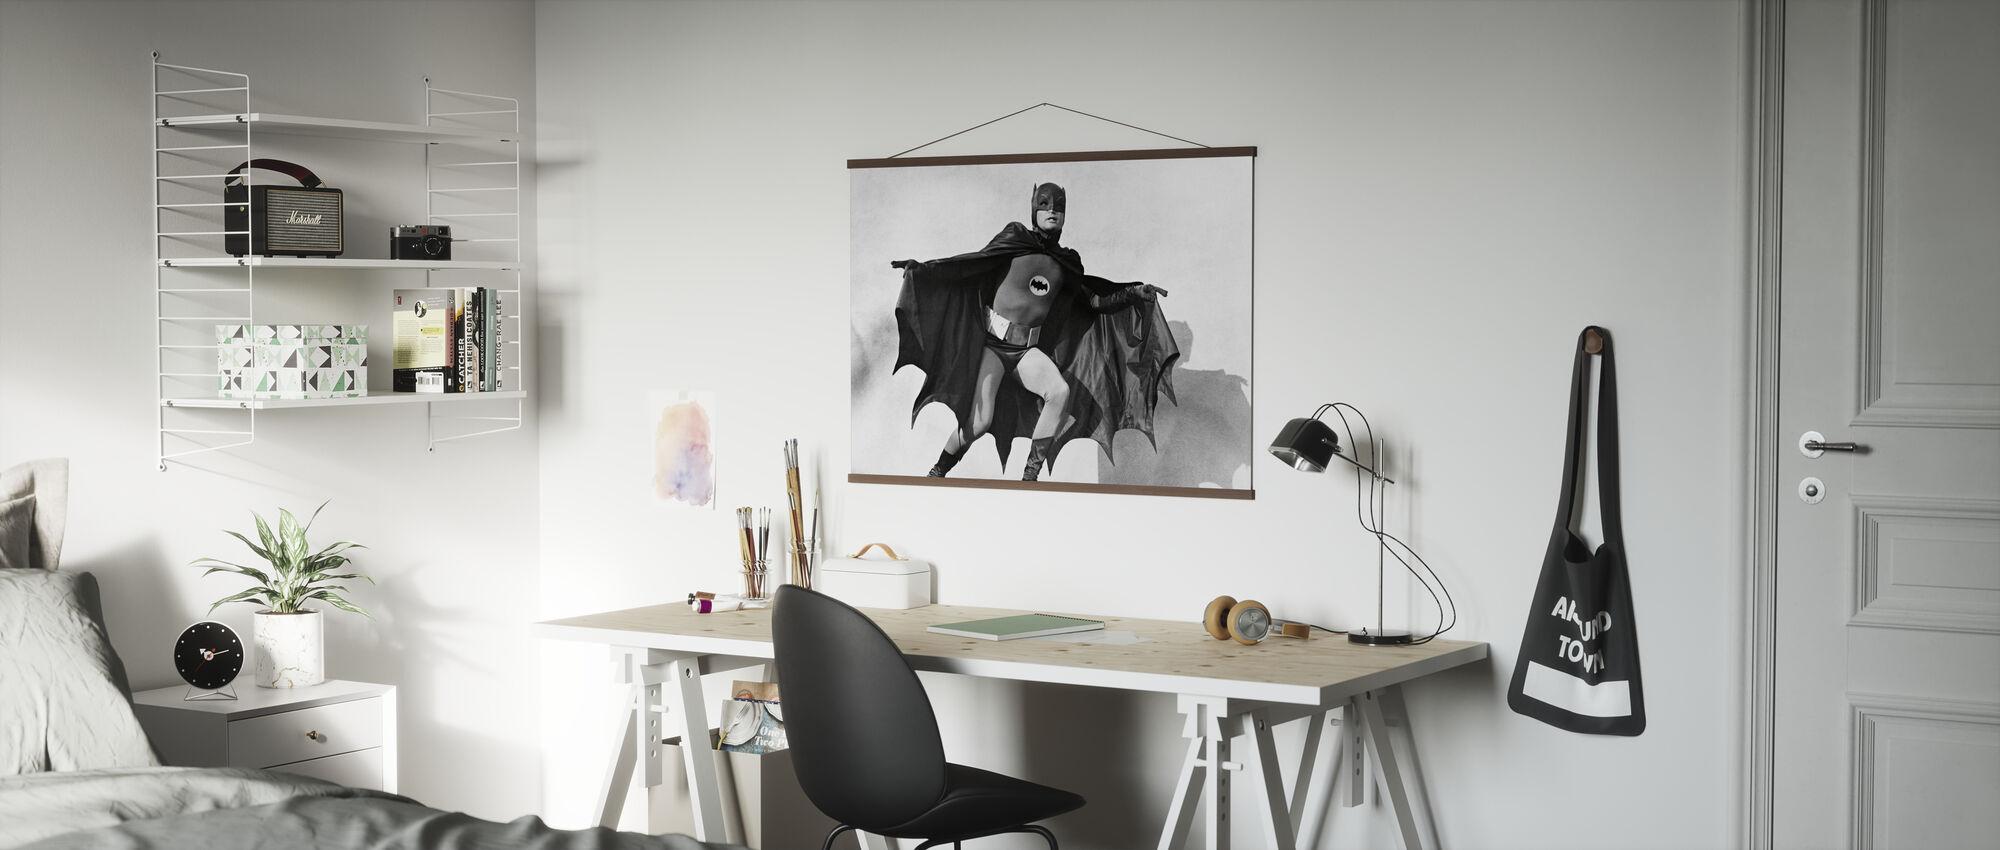 Batman - Adam West - Poster - Office